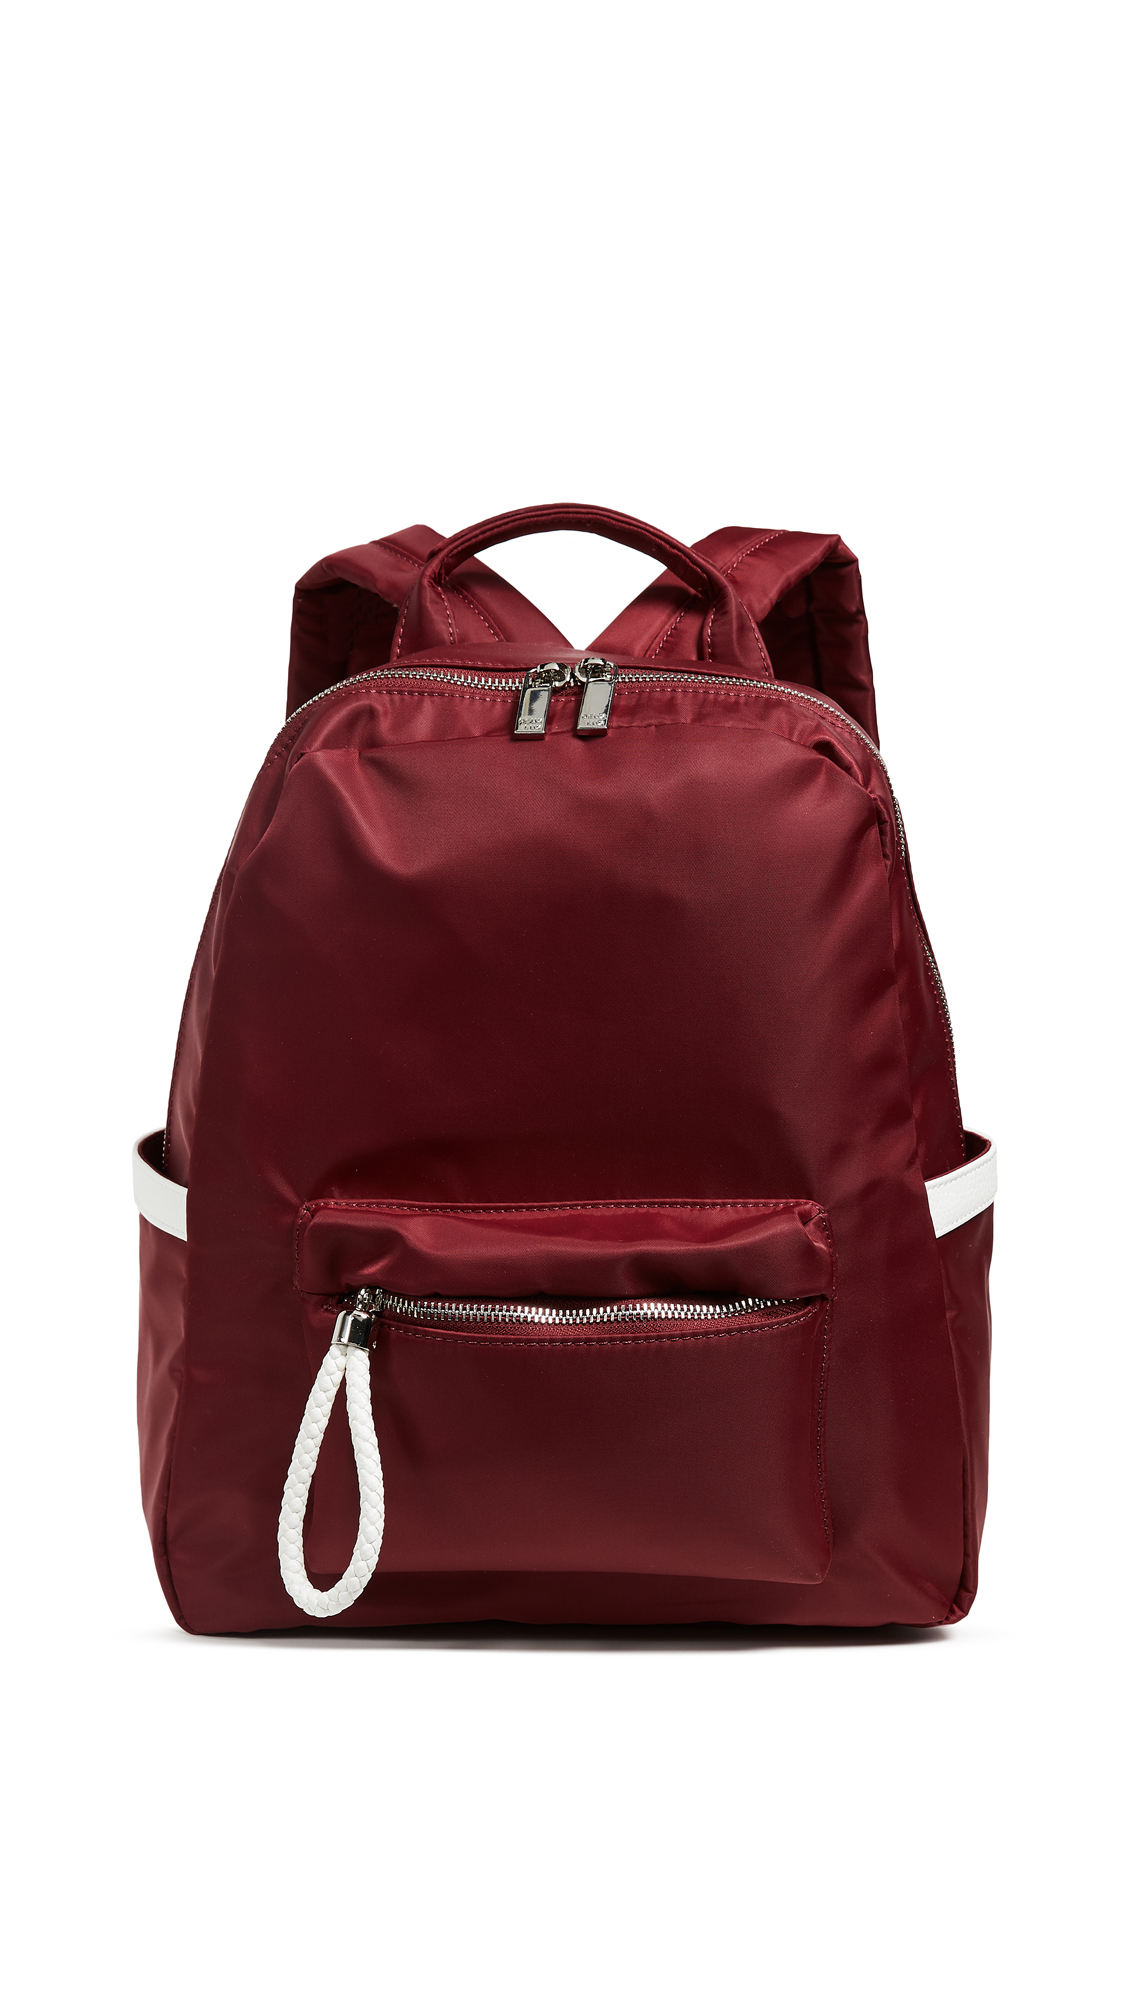 DEUX LUX X Shopbop Backpack in Bordeaux